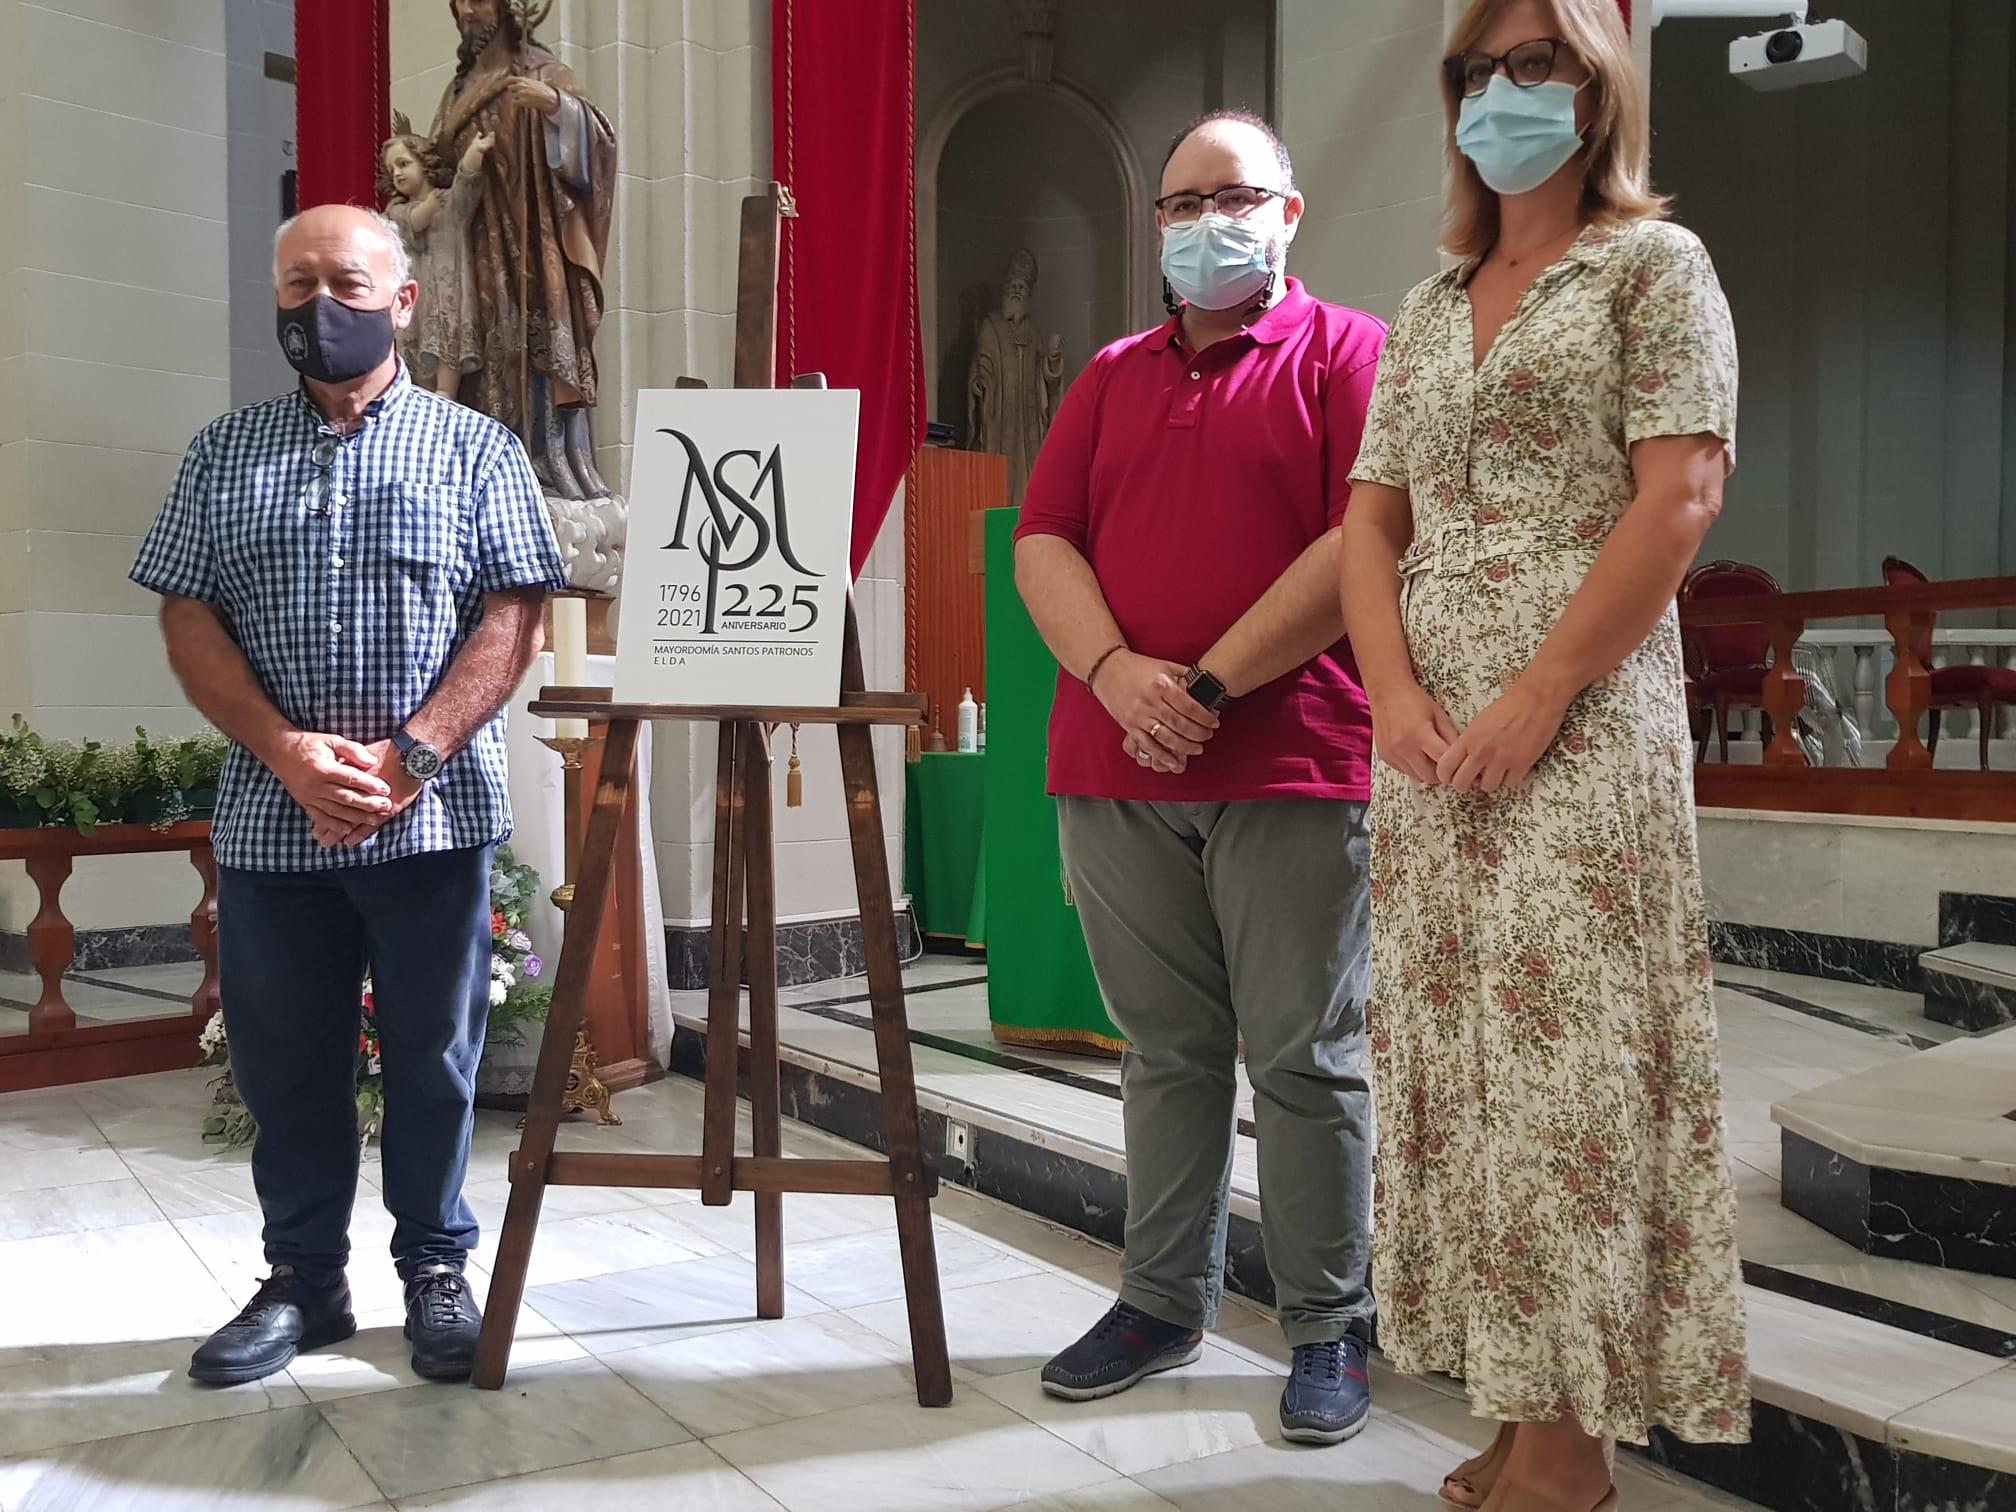 La Mayordomía de los Santos Patronos presenta el logotipo diseñado con motivo del 225 aniversario de su fundación